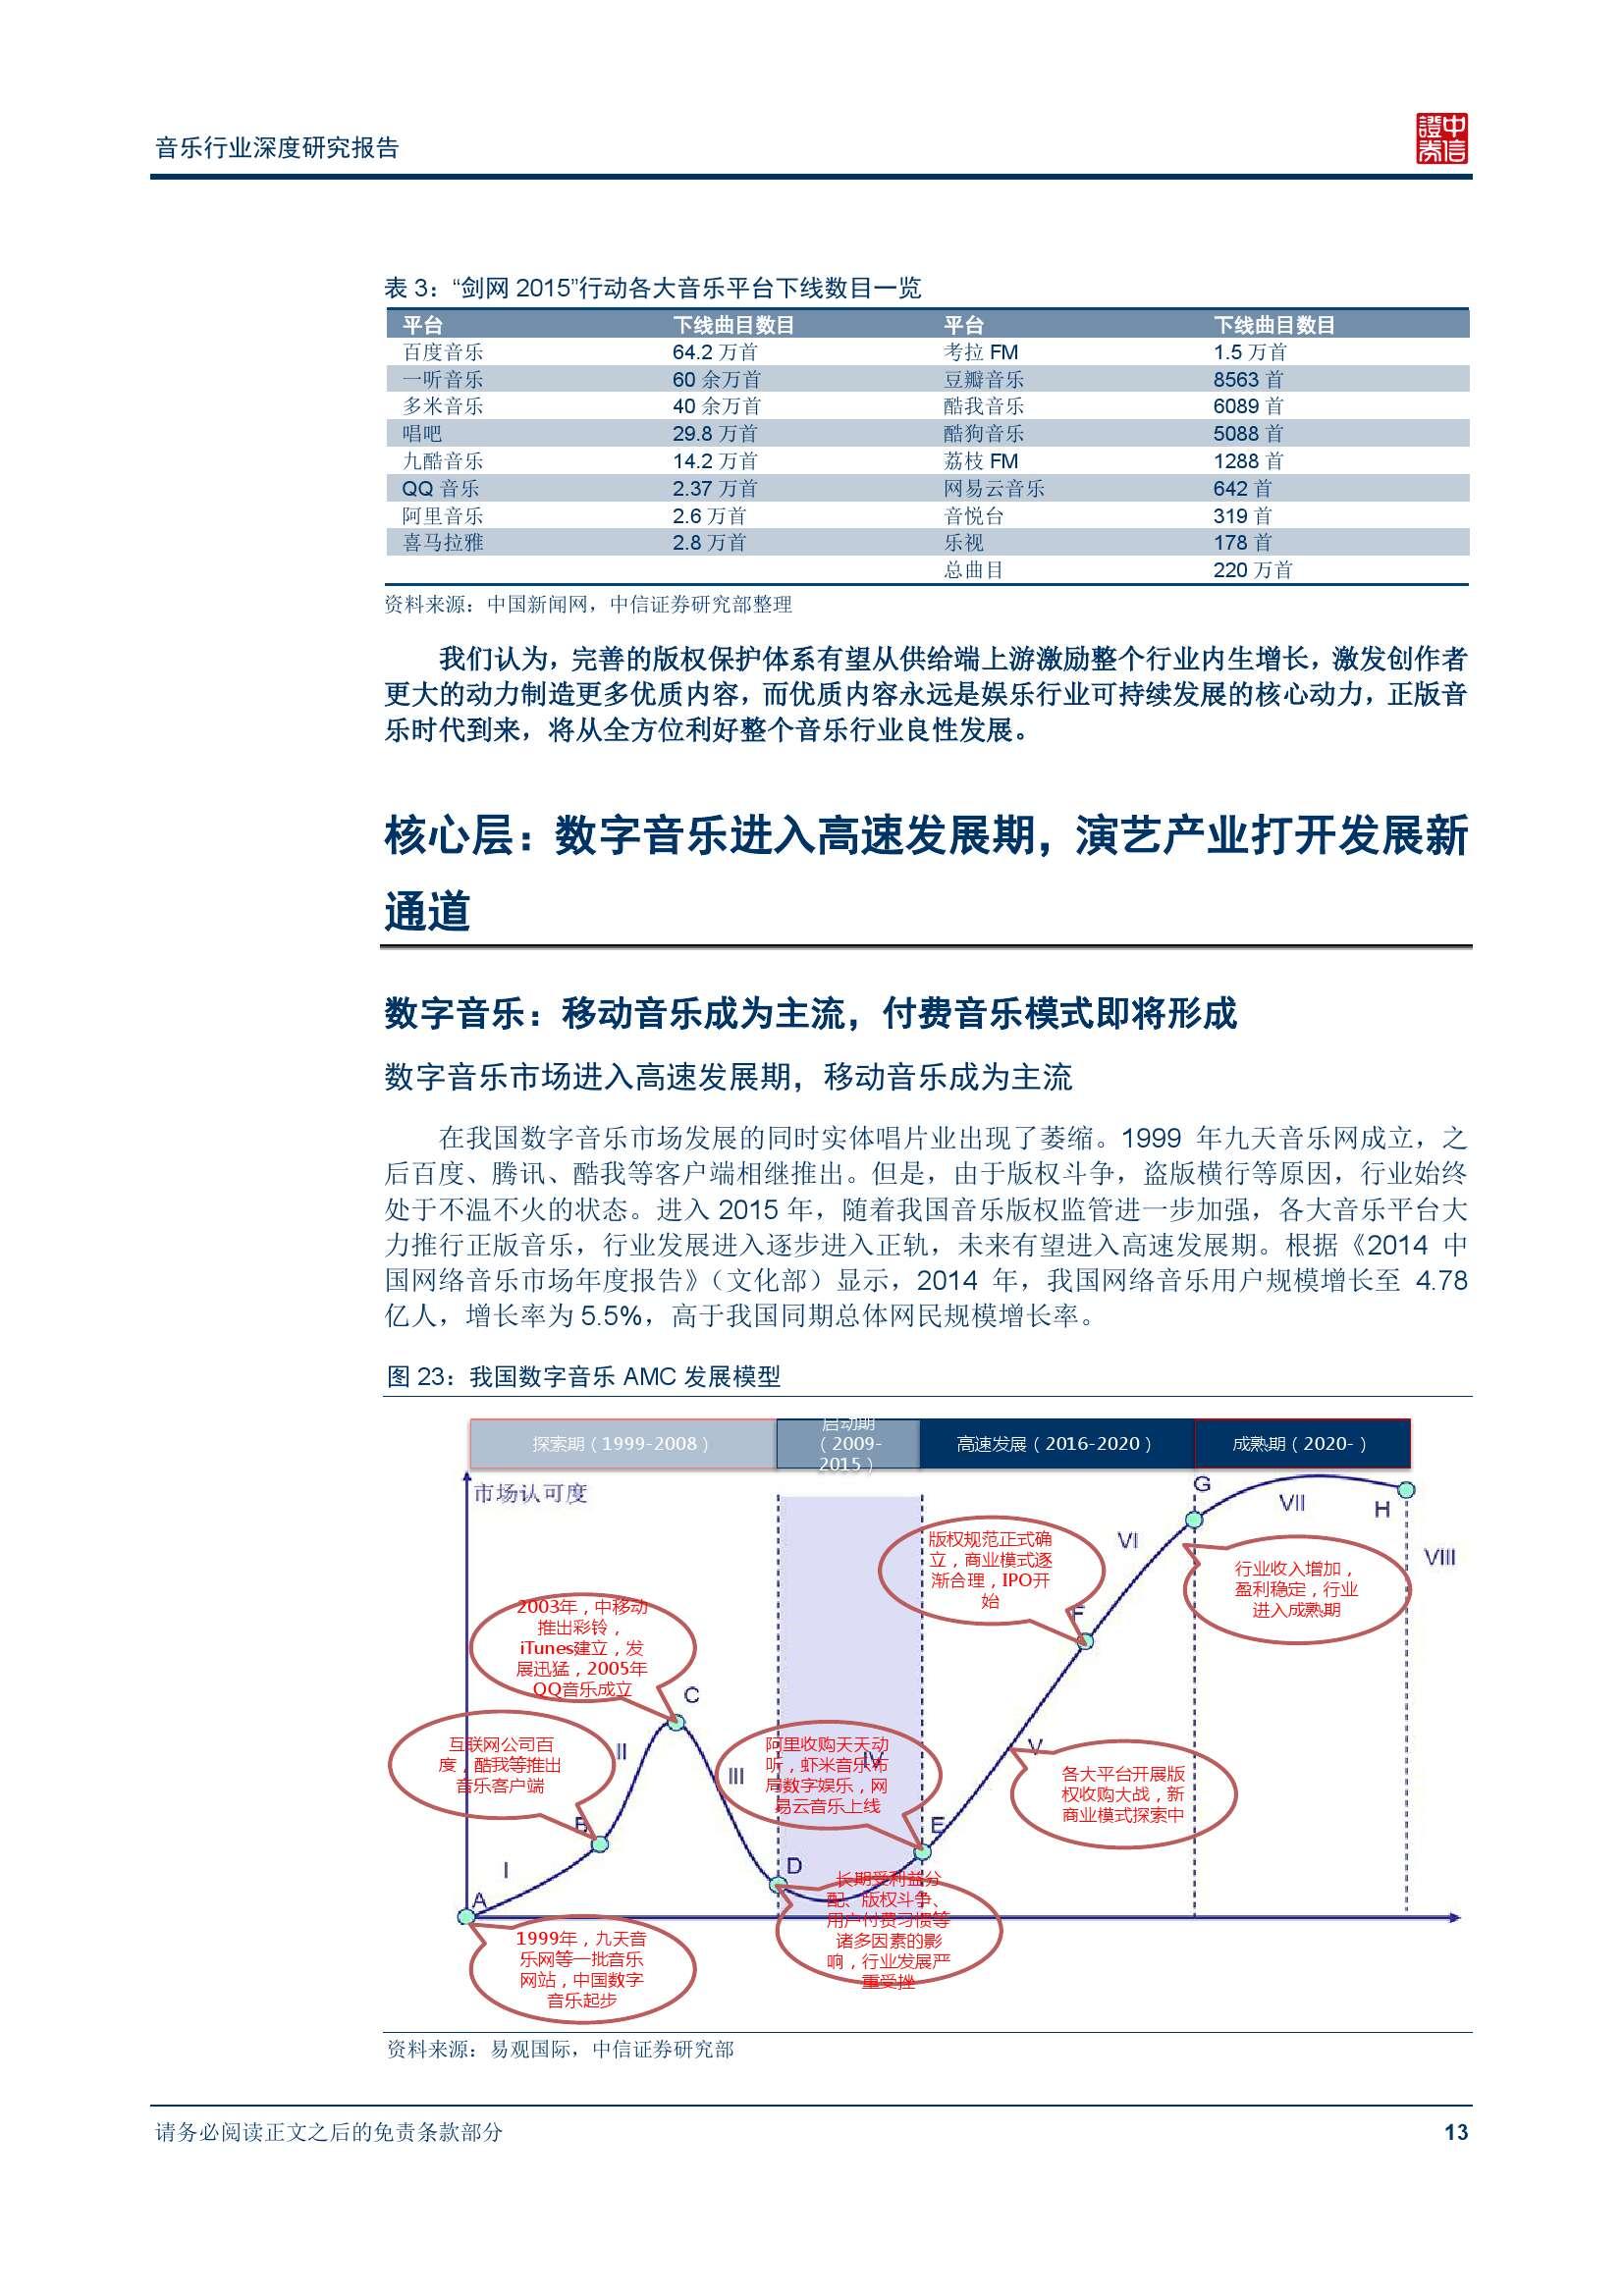 中信证券音乐行业深度研究报告_000018